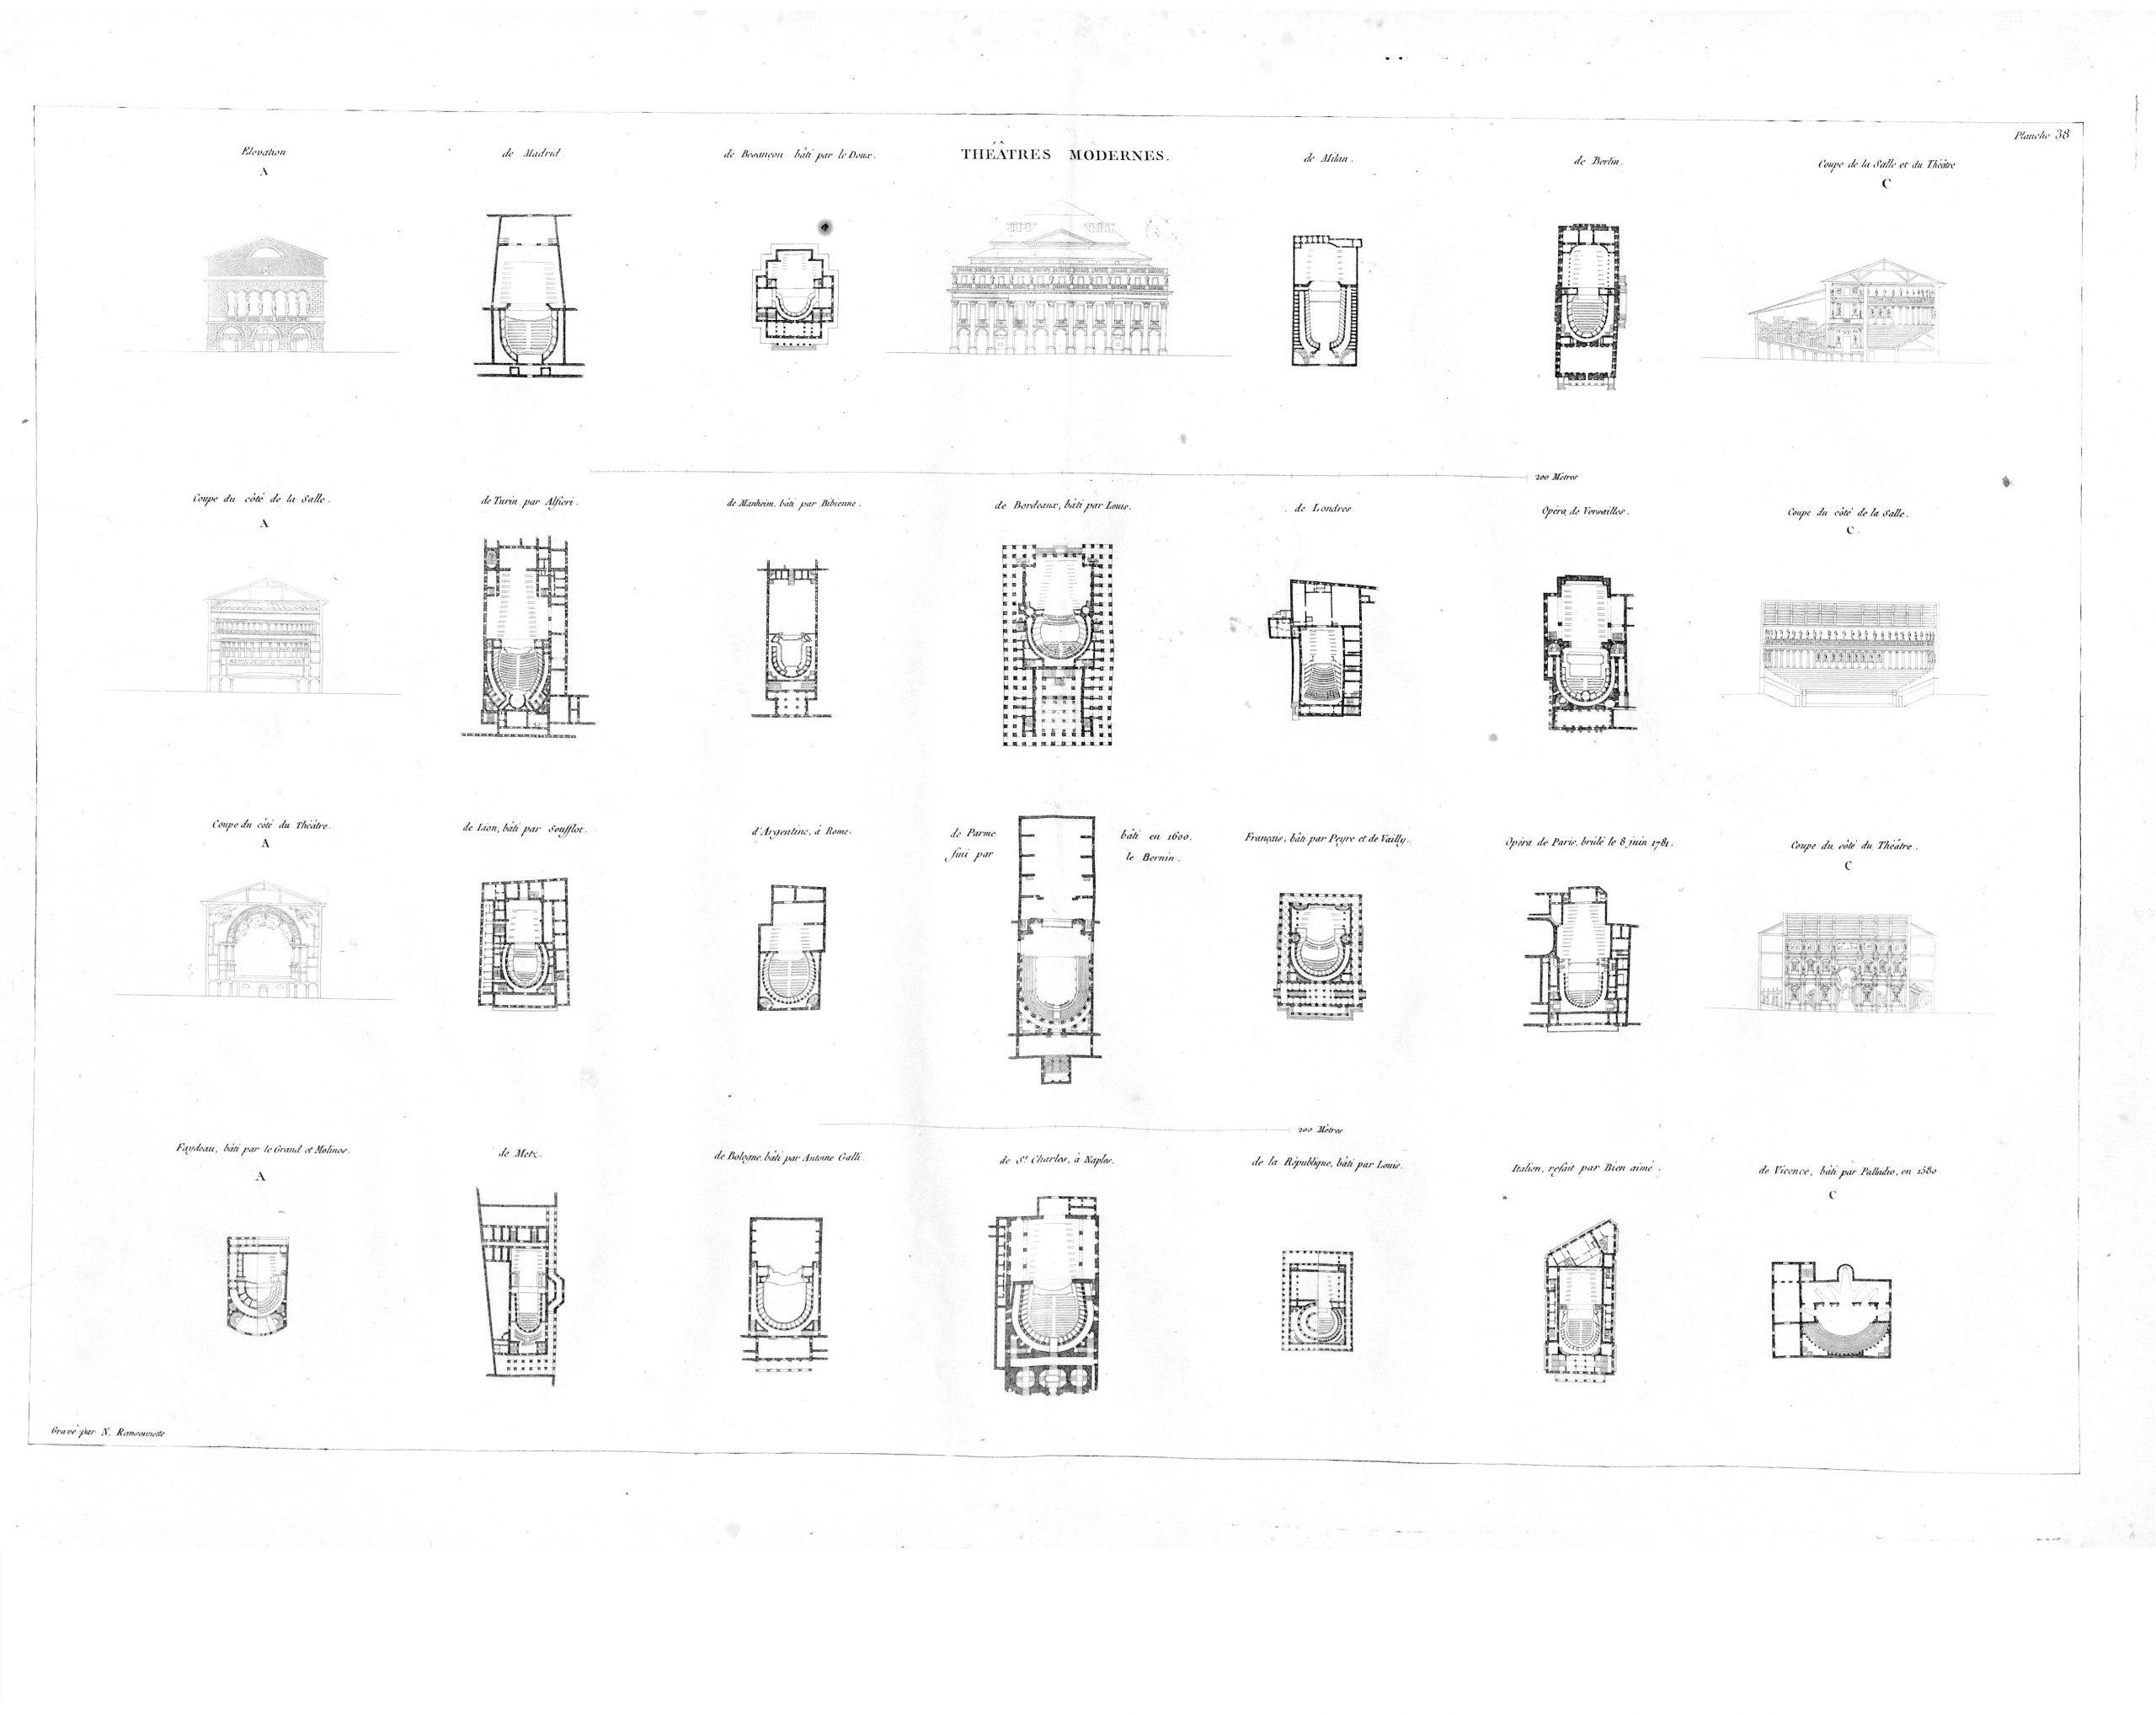 Jean-Nicolas-Louis durand Recueil et parallèle des édifices de tout genre anciens et modernes